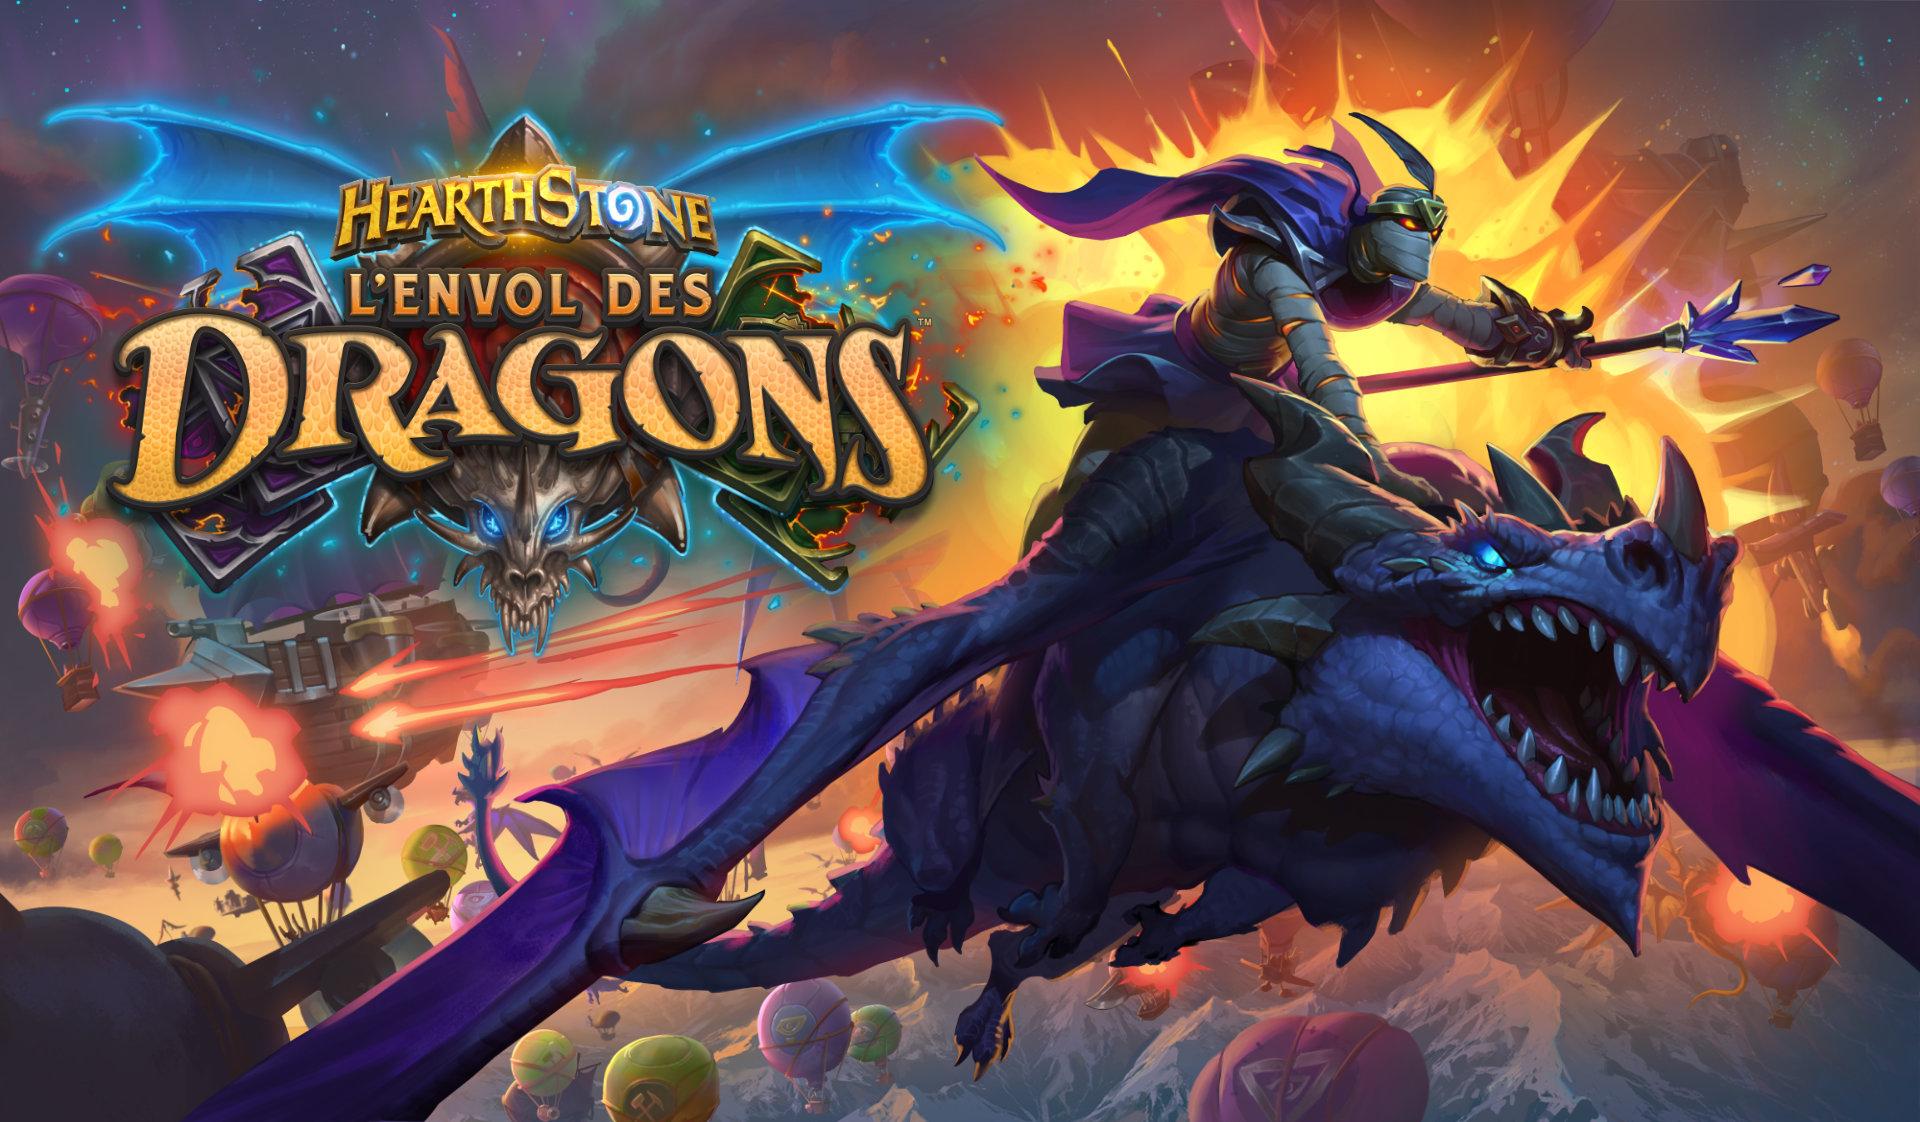 beau lustre meilleur en ligne couleurs harmonieuses L'extension Hearthstone L'Envol des Dragons est moins chère ...